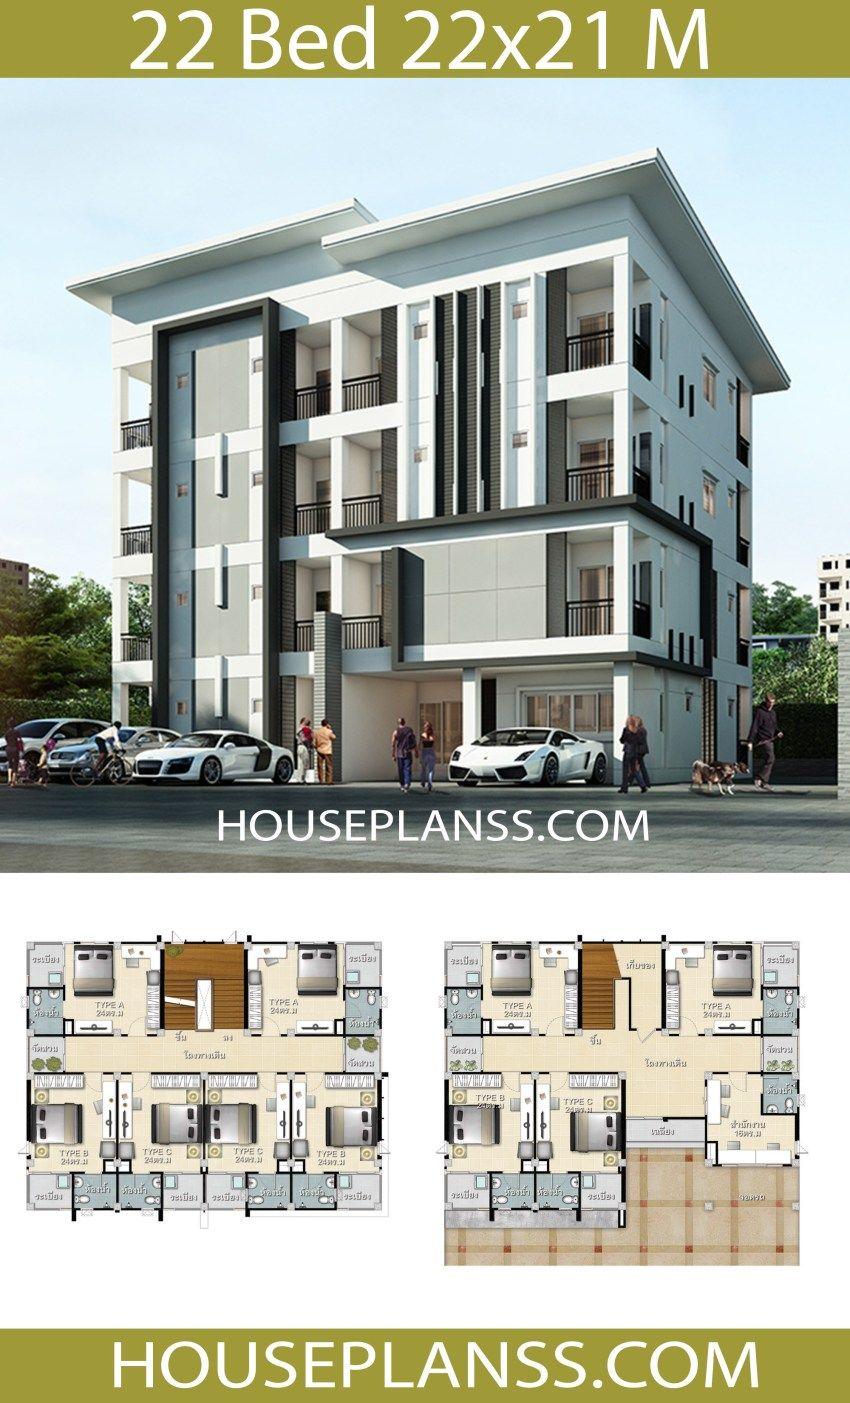 Apartment Plans 22x21 With 22 Bedrooms Apartment Plans Bungalow House Design Architectural House Plans